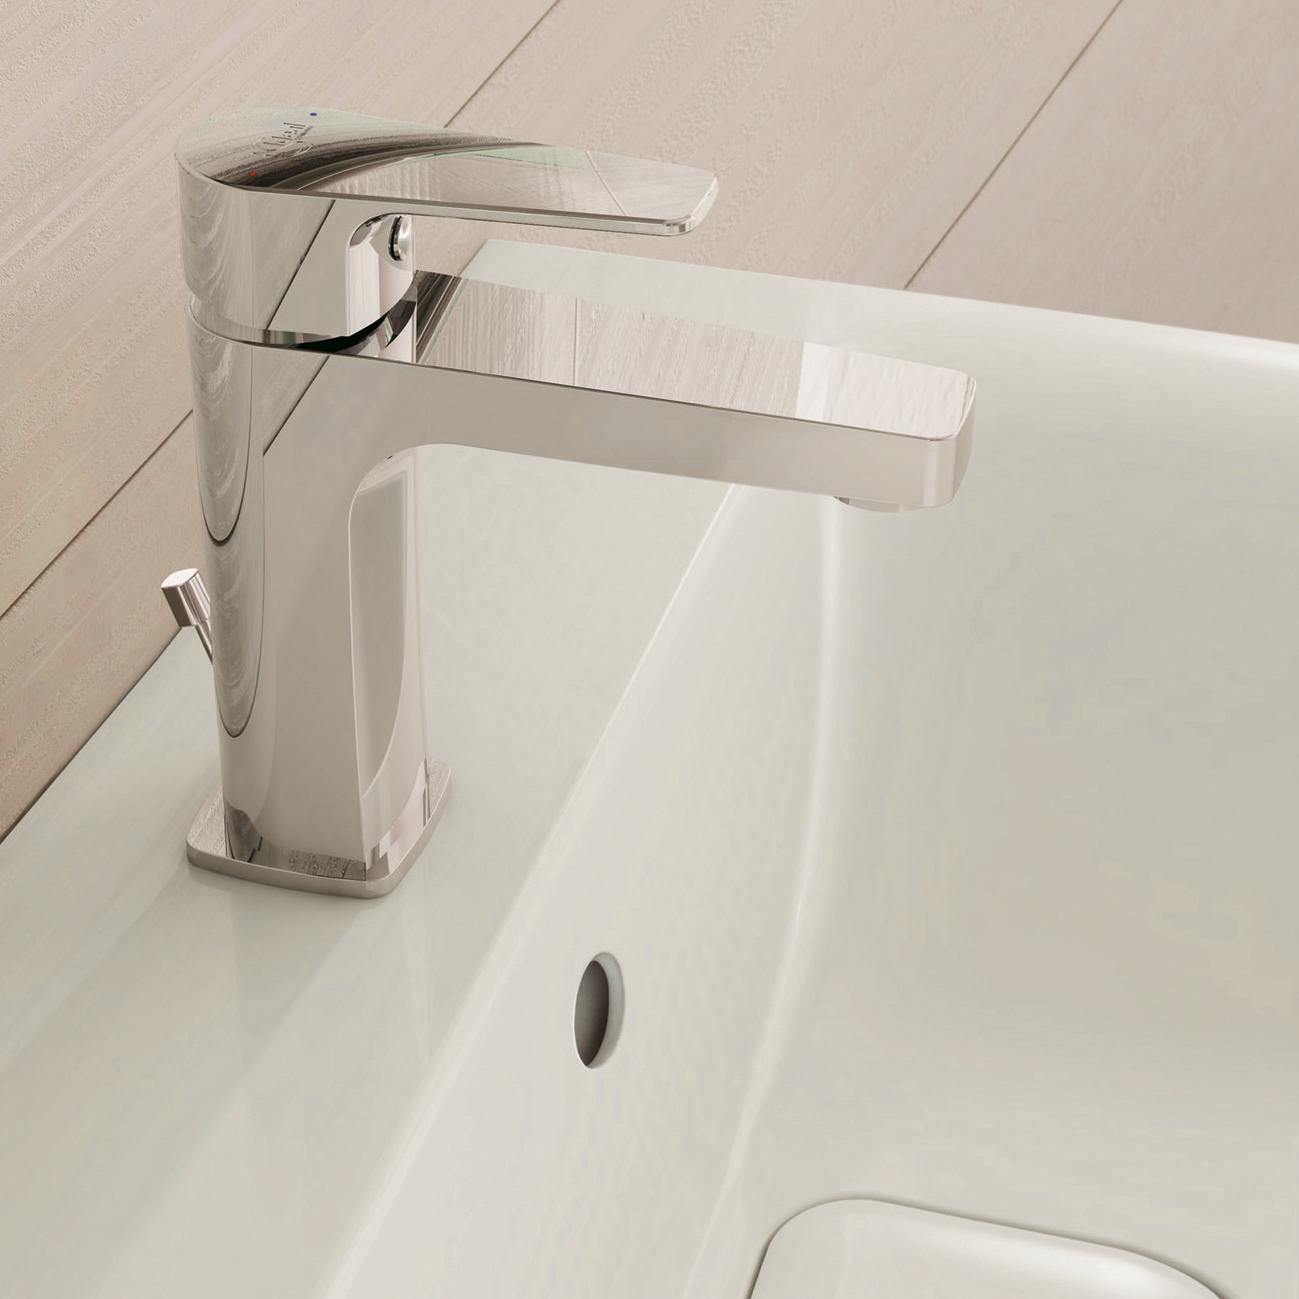 Rubinetto per lavabo Esla cromo lucido IDEAL STANDARD - 1